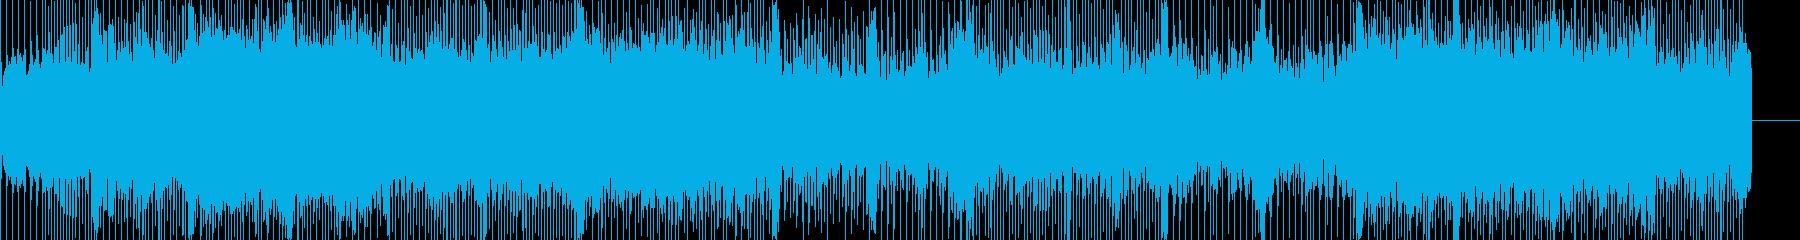 カッコイイDance系EDMなBGMの再生済みの波形